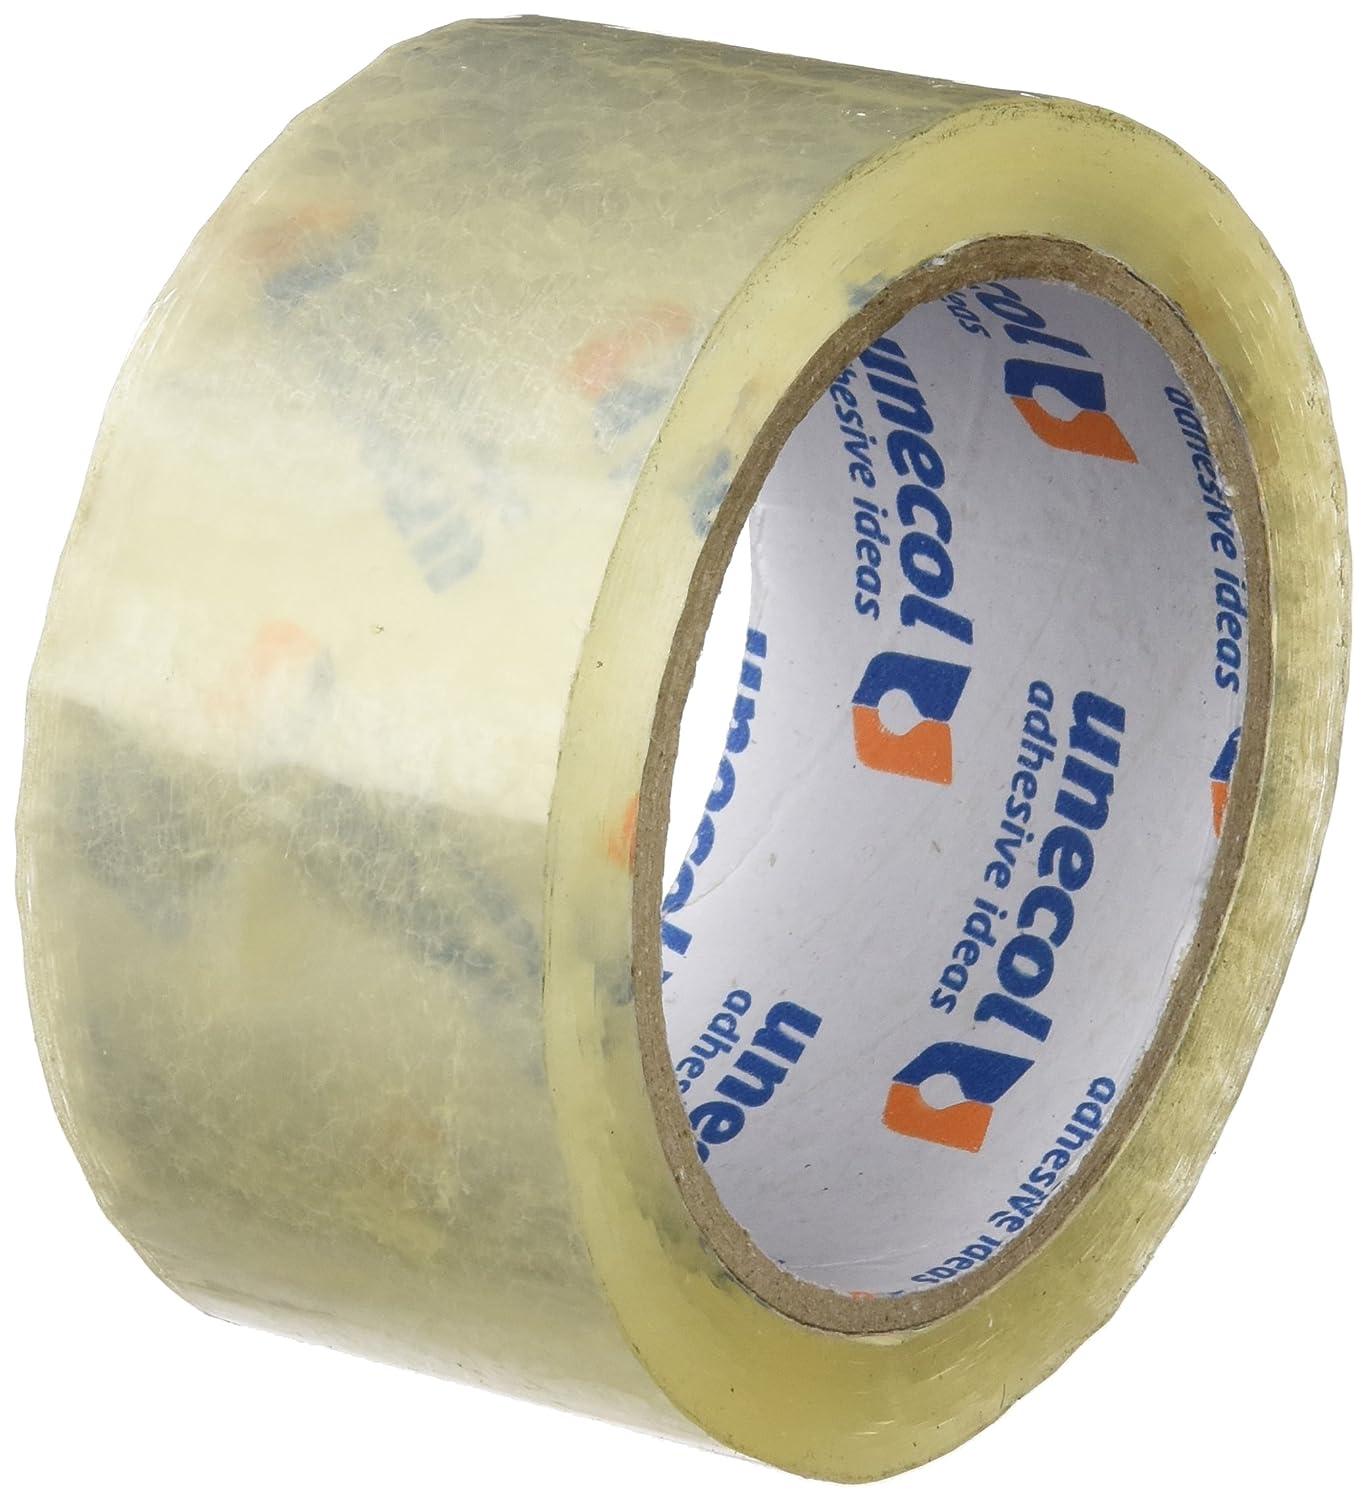 Unecol 8464 - Precinto (rollo, 66 m x 50 mm) color transparente Unecol Adhesive Ideas